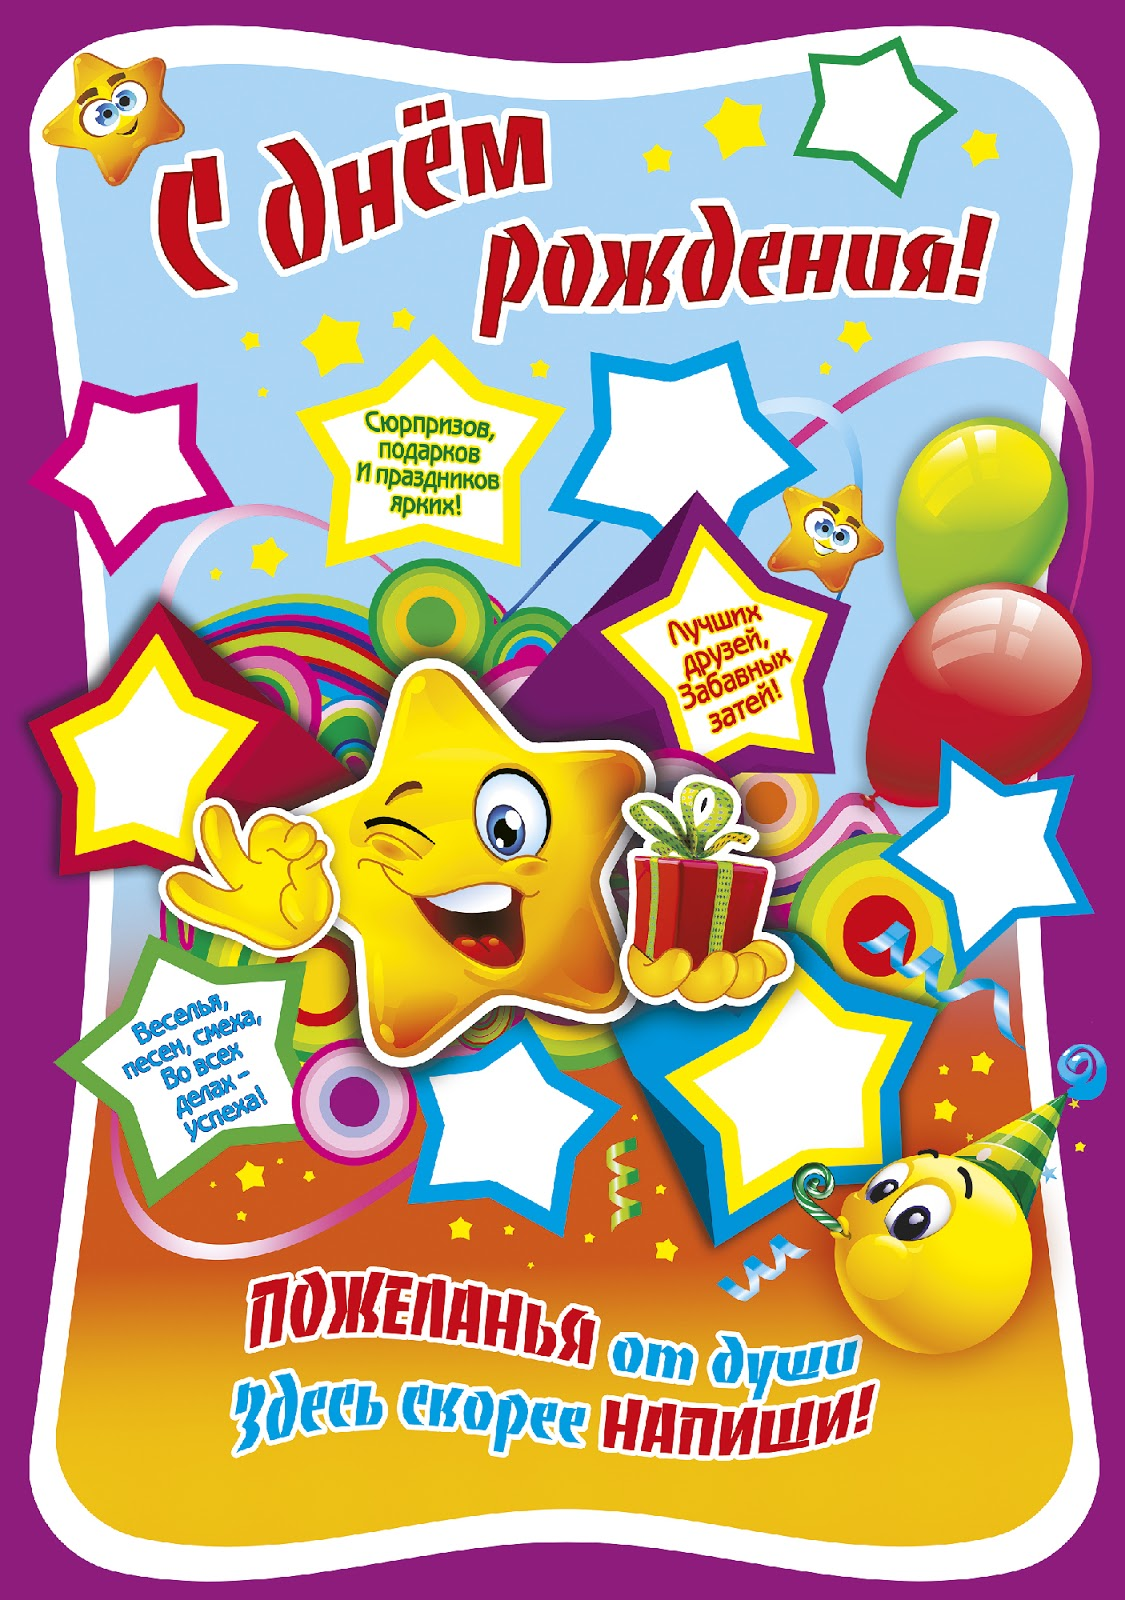 открытки и плакаты к дню рождения